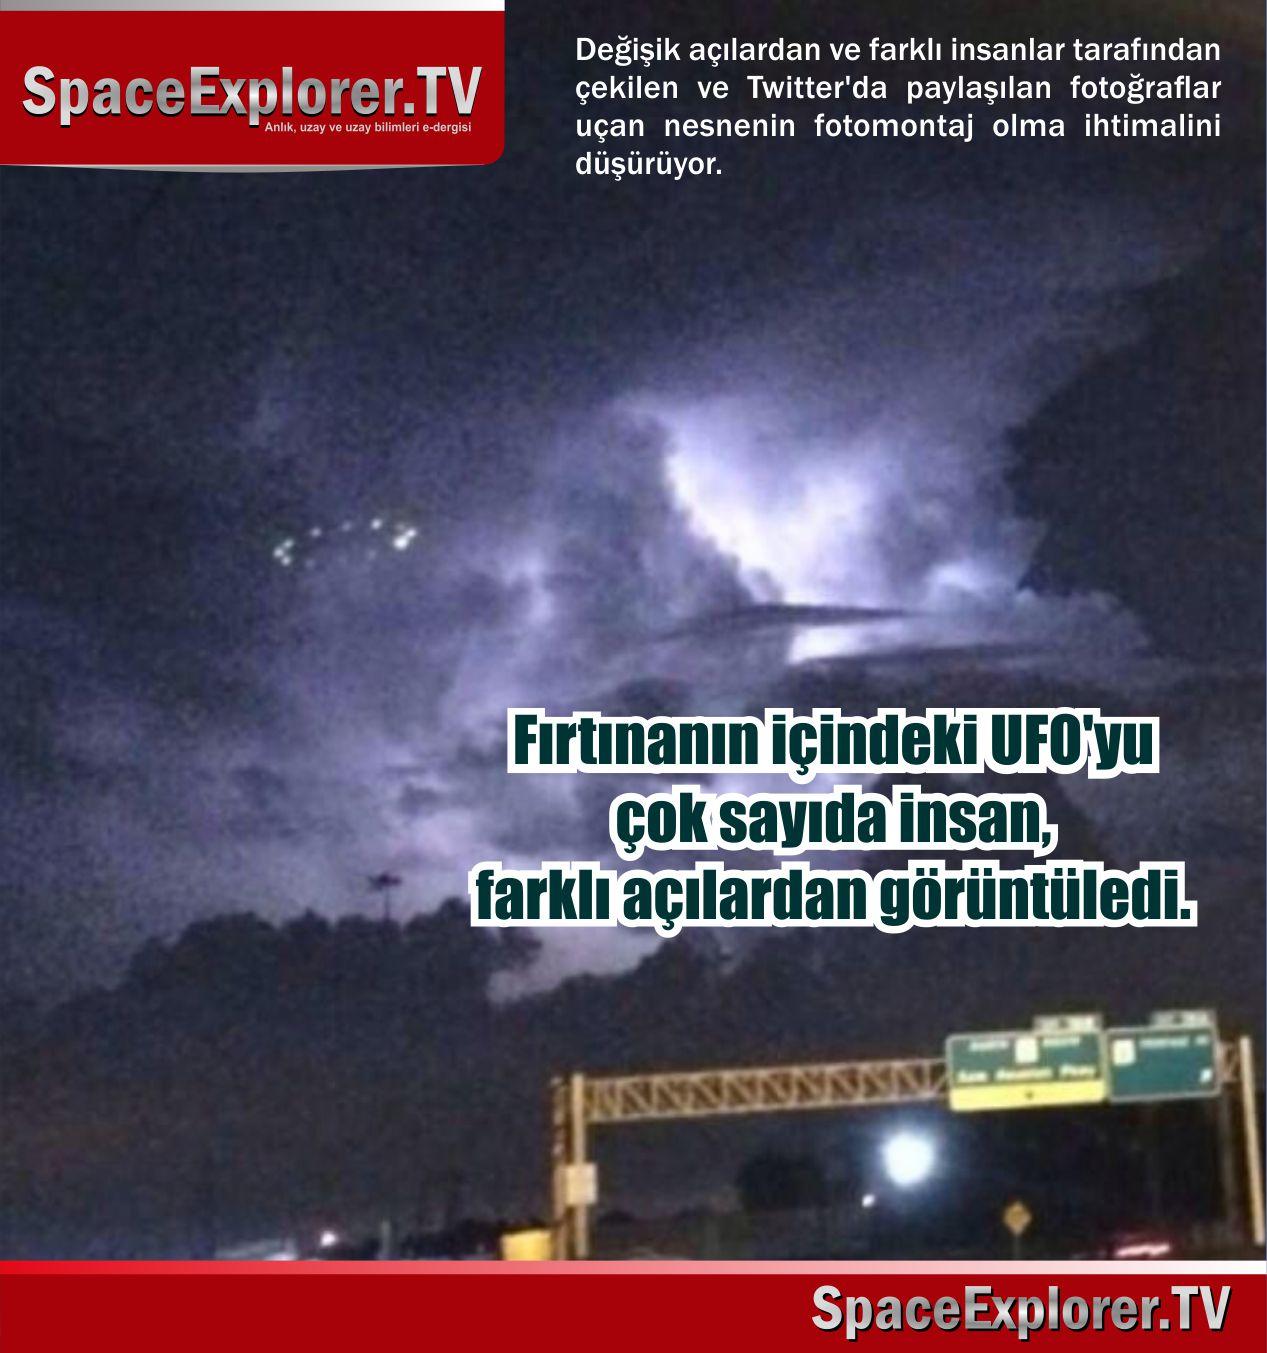 UFO, Gerçek UFO görüntüleri, UFO'lar gerçek mi?, Space Explorer, Uzayda hayat var mı?, Evrende yalnız mıyız?, UFO